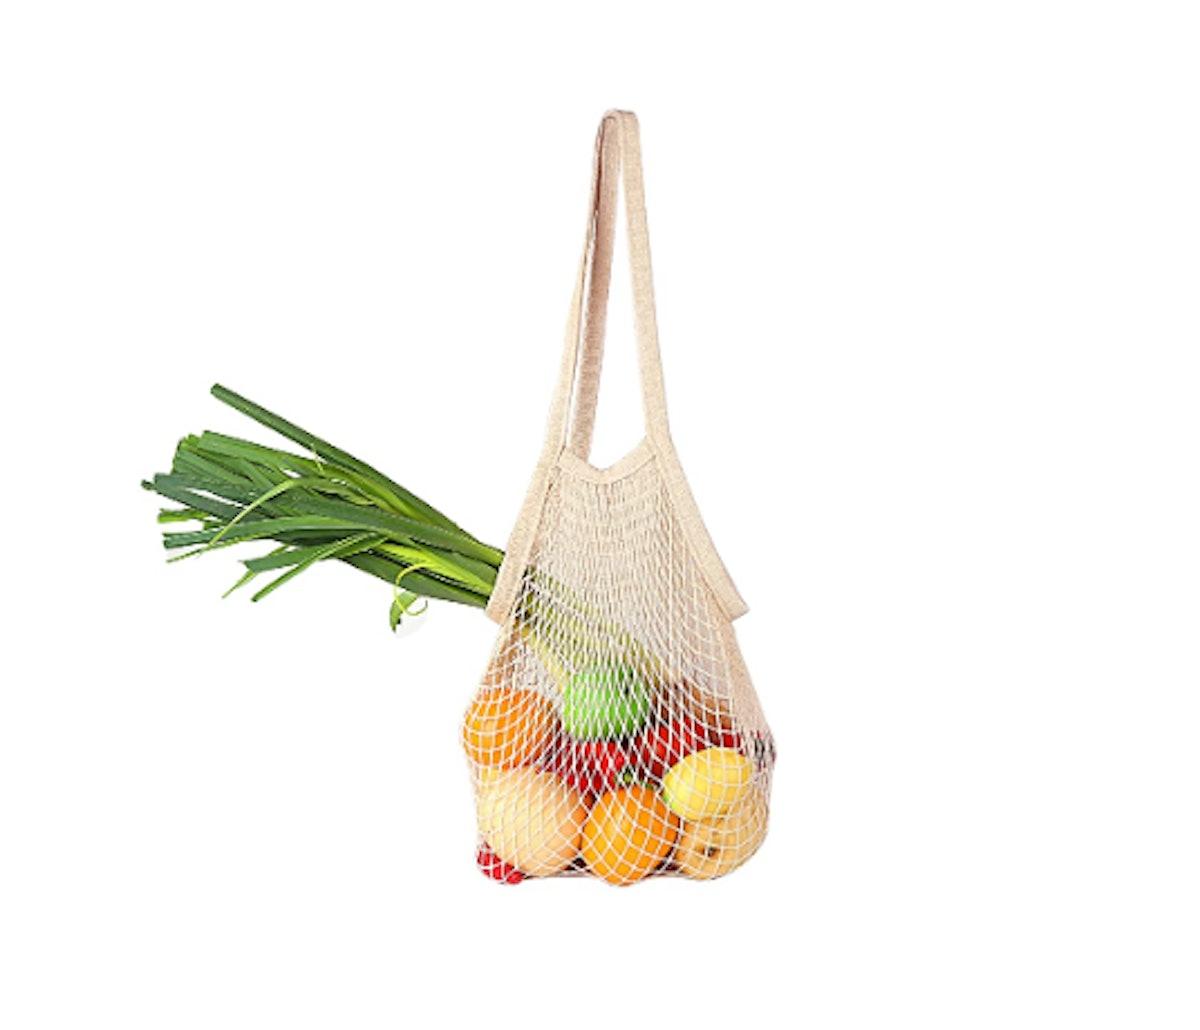 Bailuoni Net String Shopping Bag